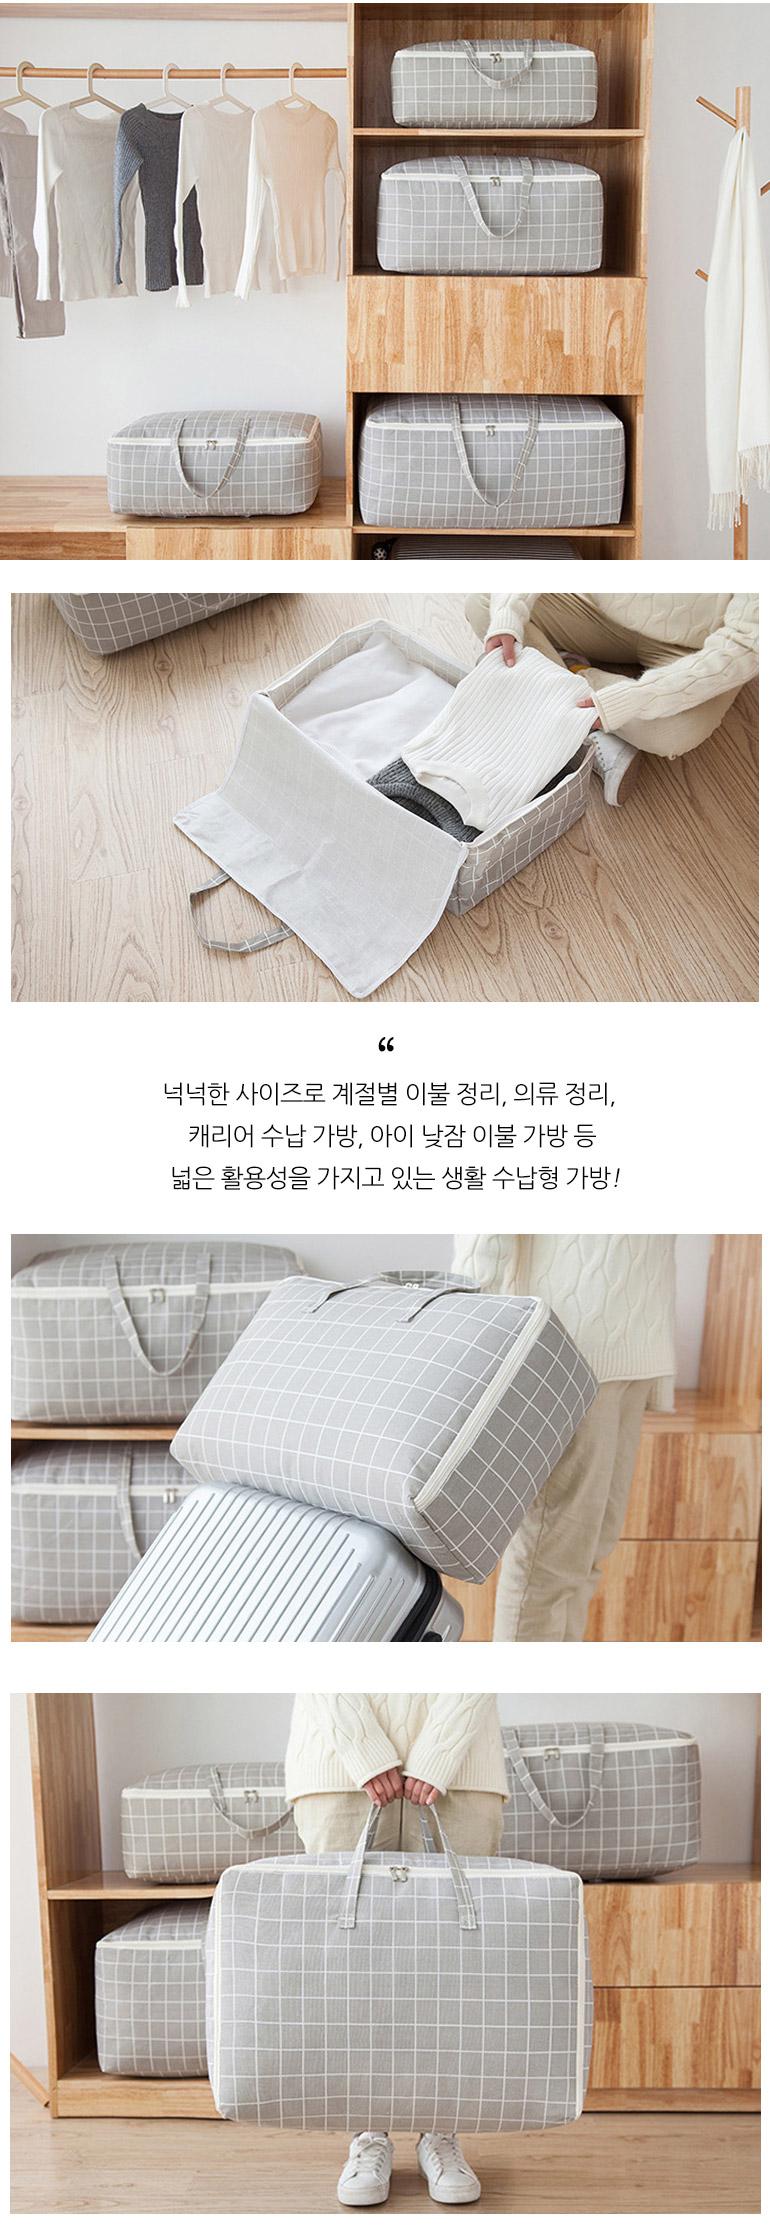 패브릭 이불 보관가방 정리함 - 세일덕, 5,500원, 의류커버/압축팩, 이불용 압축팩